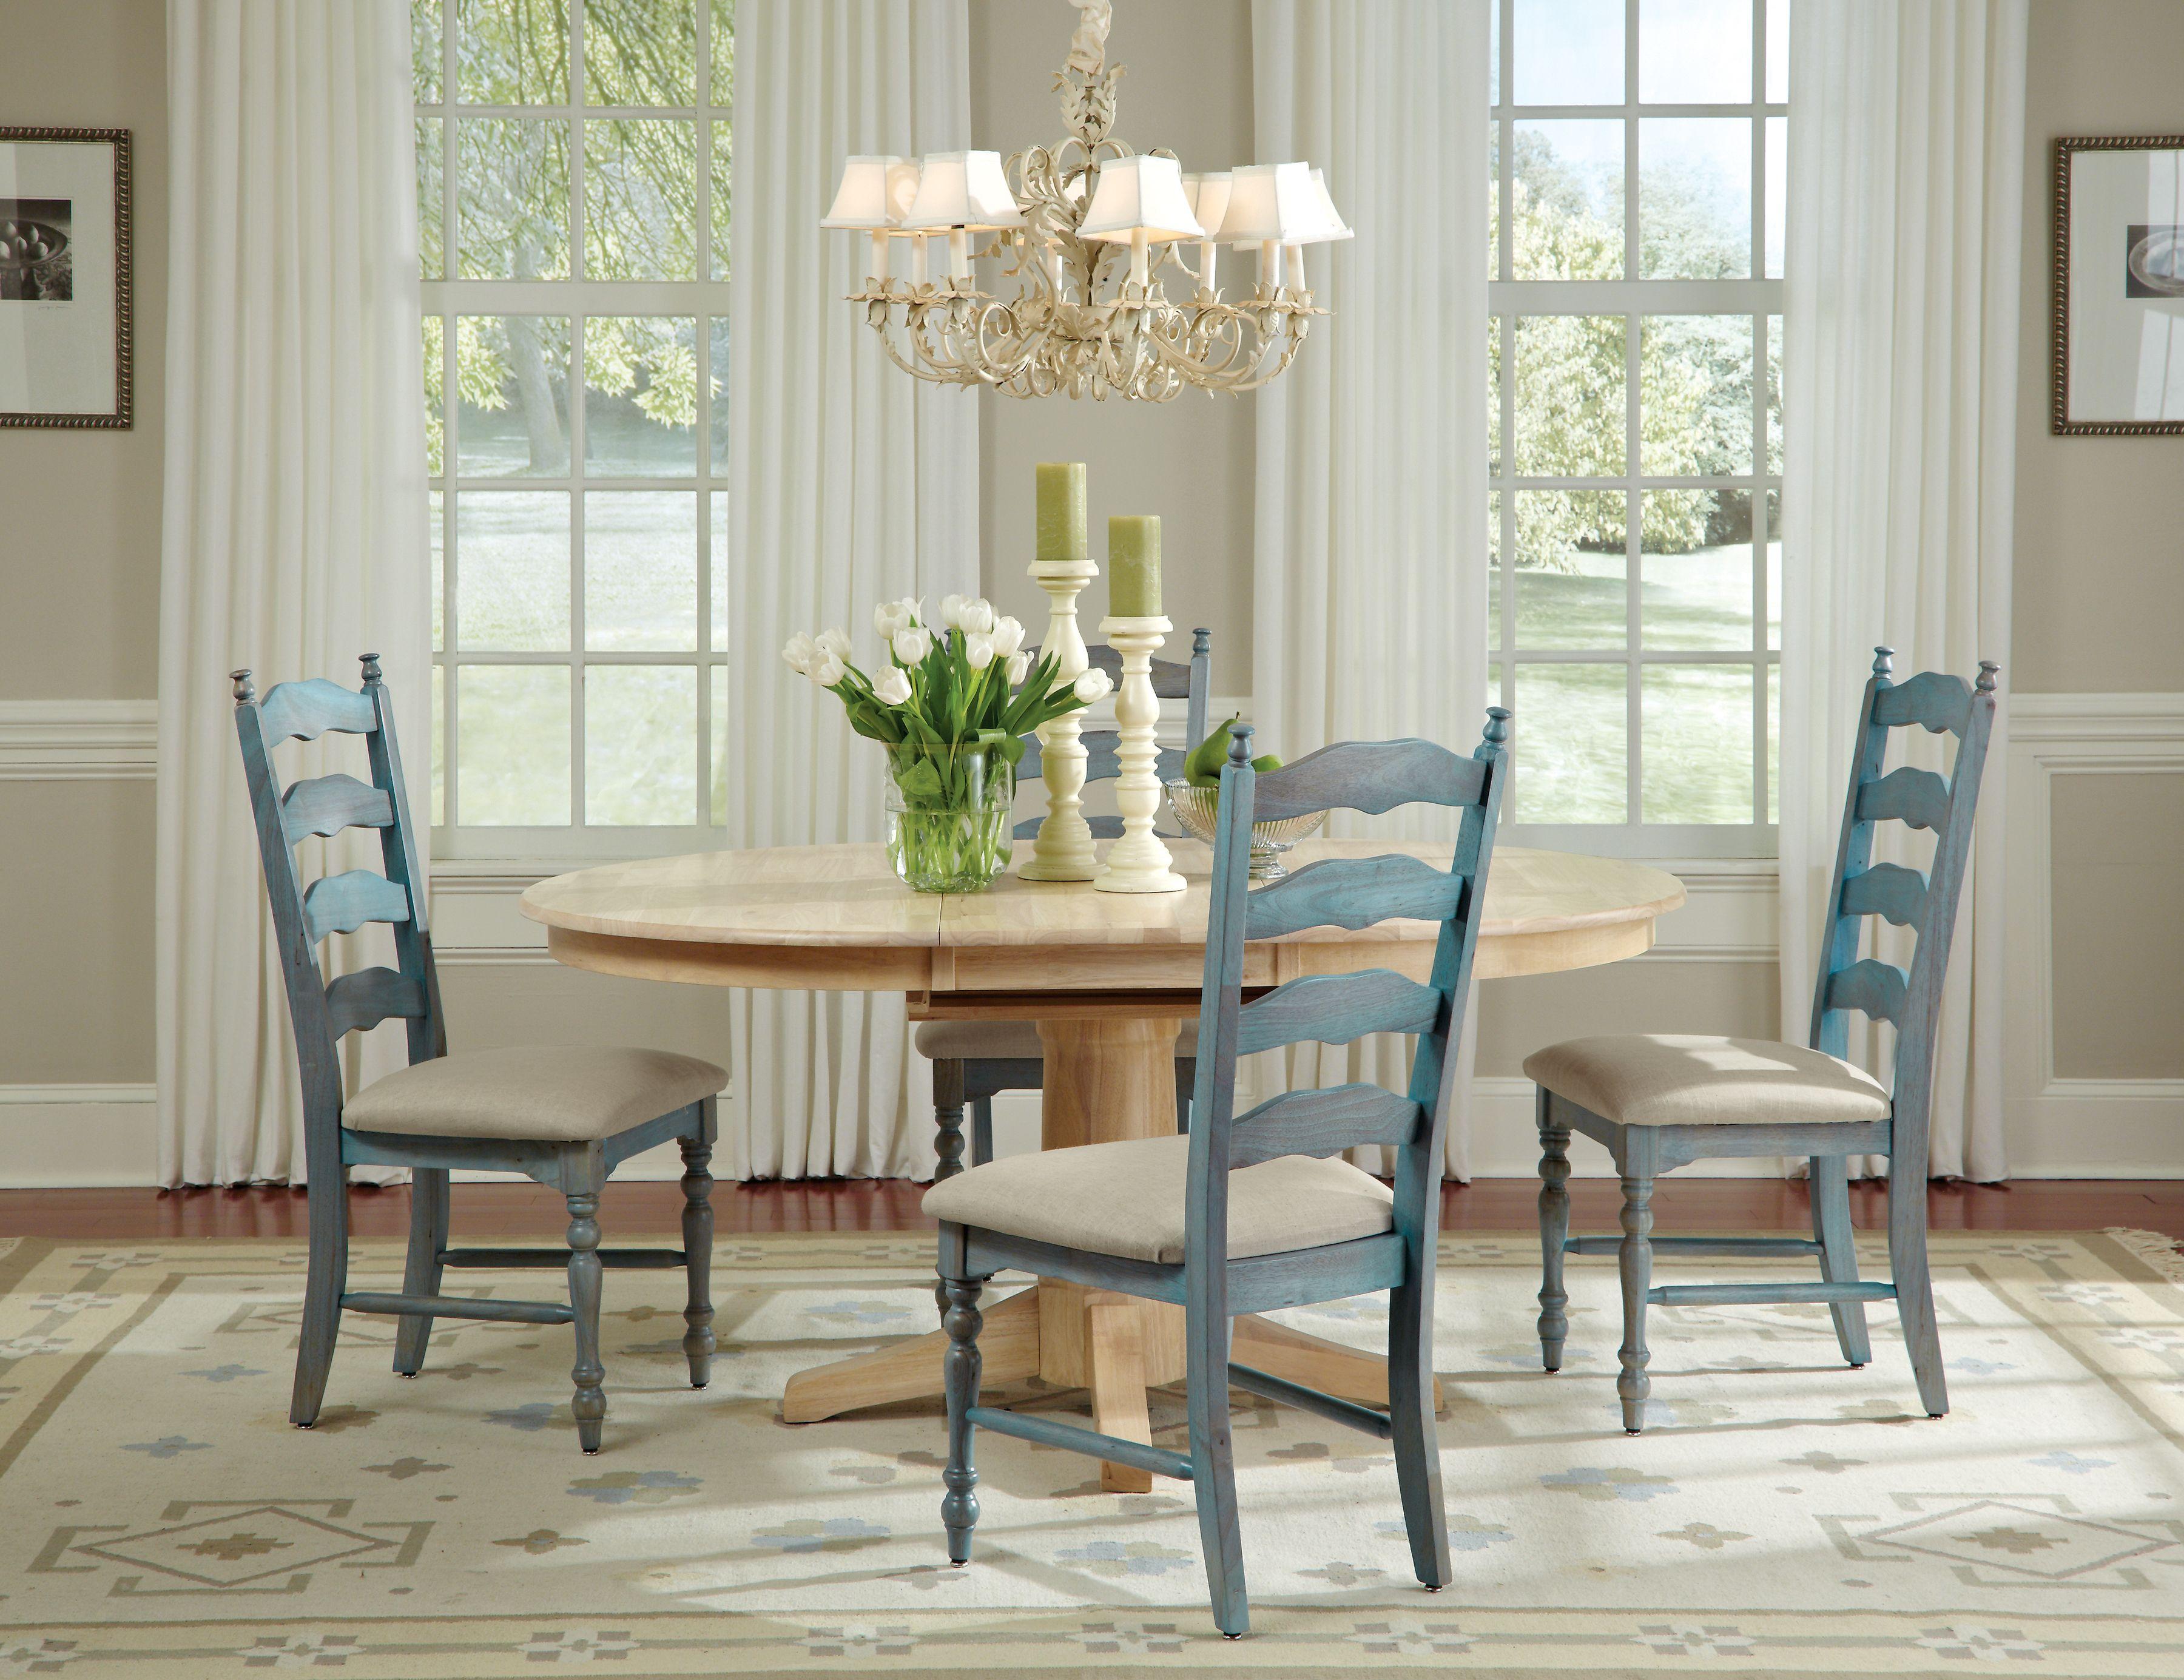 John Thomas 2013 Select Furniture Hardwood Furniture